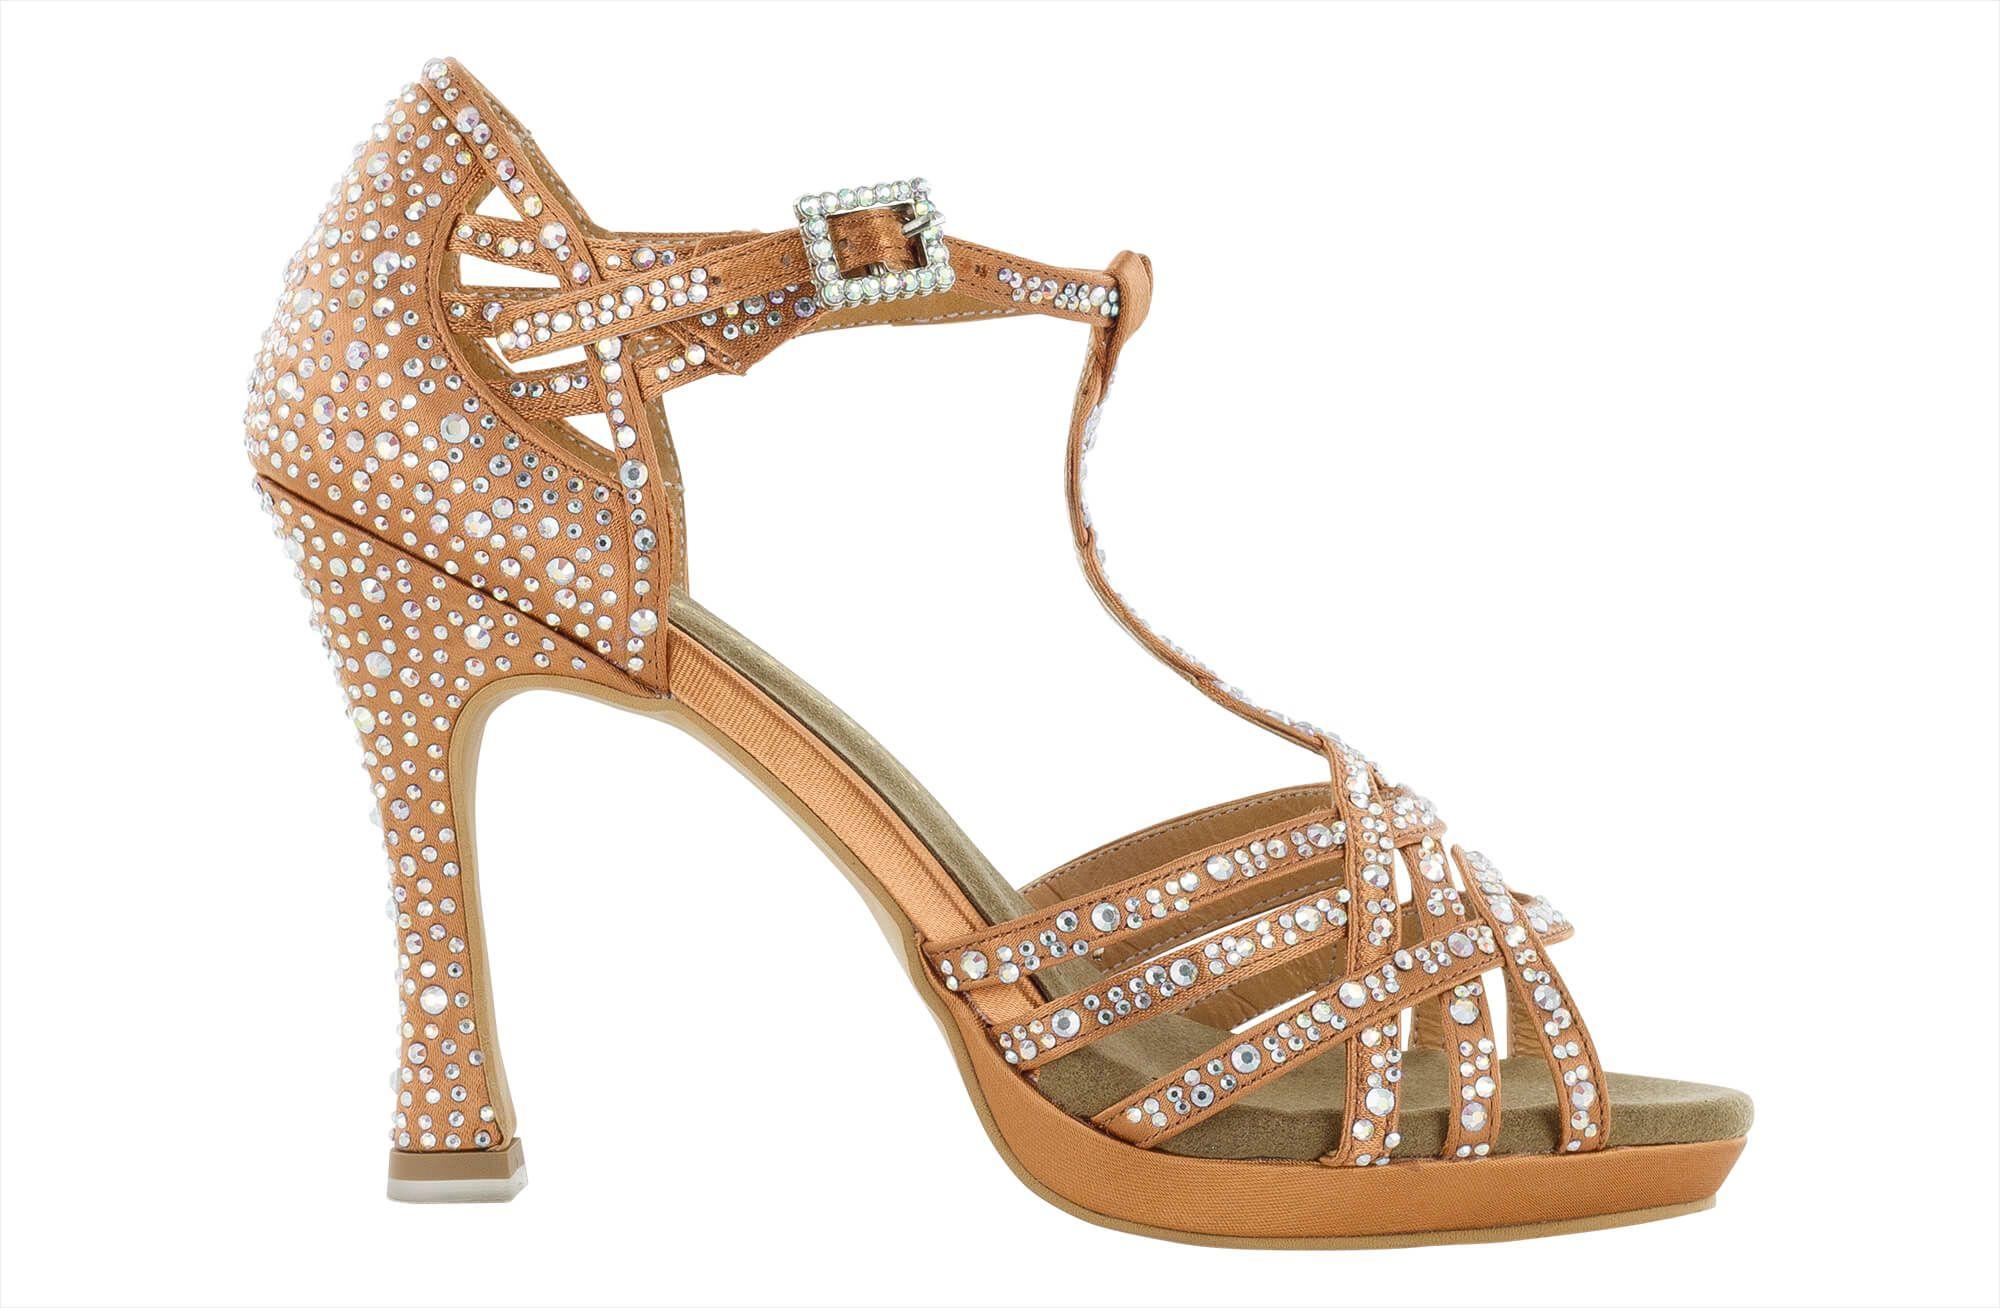 Zapato de baile Danc'in con Plataforma en Tacón de 10cm